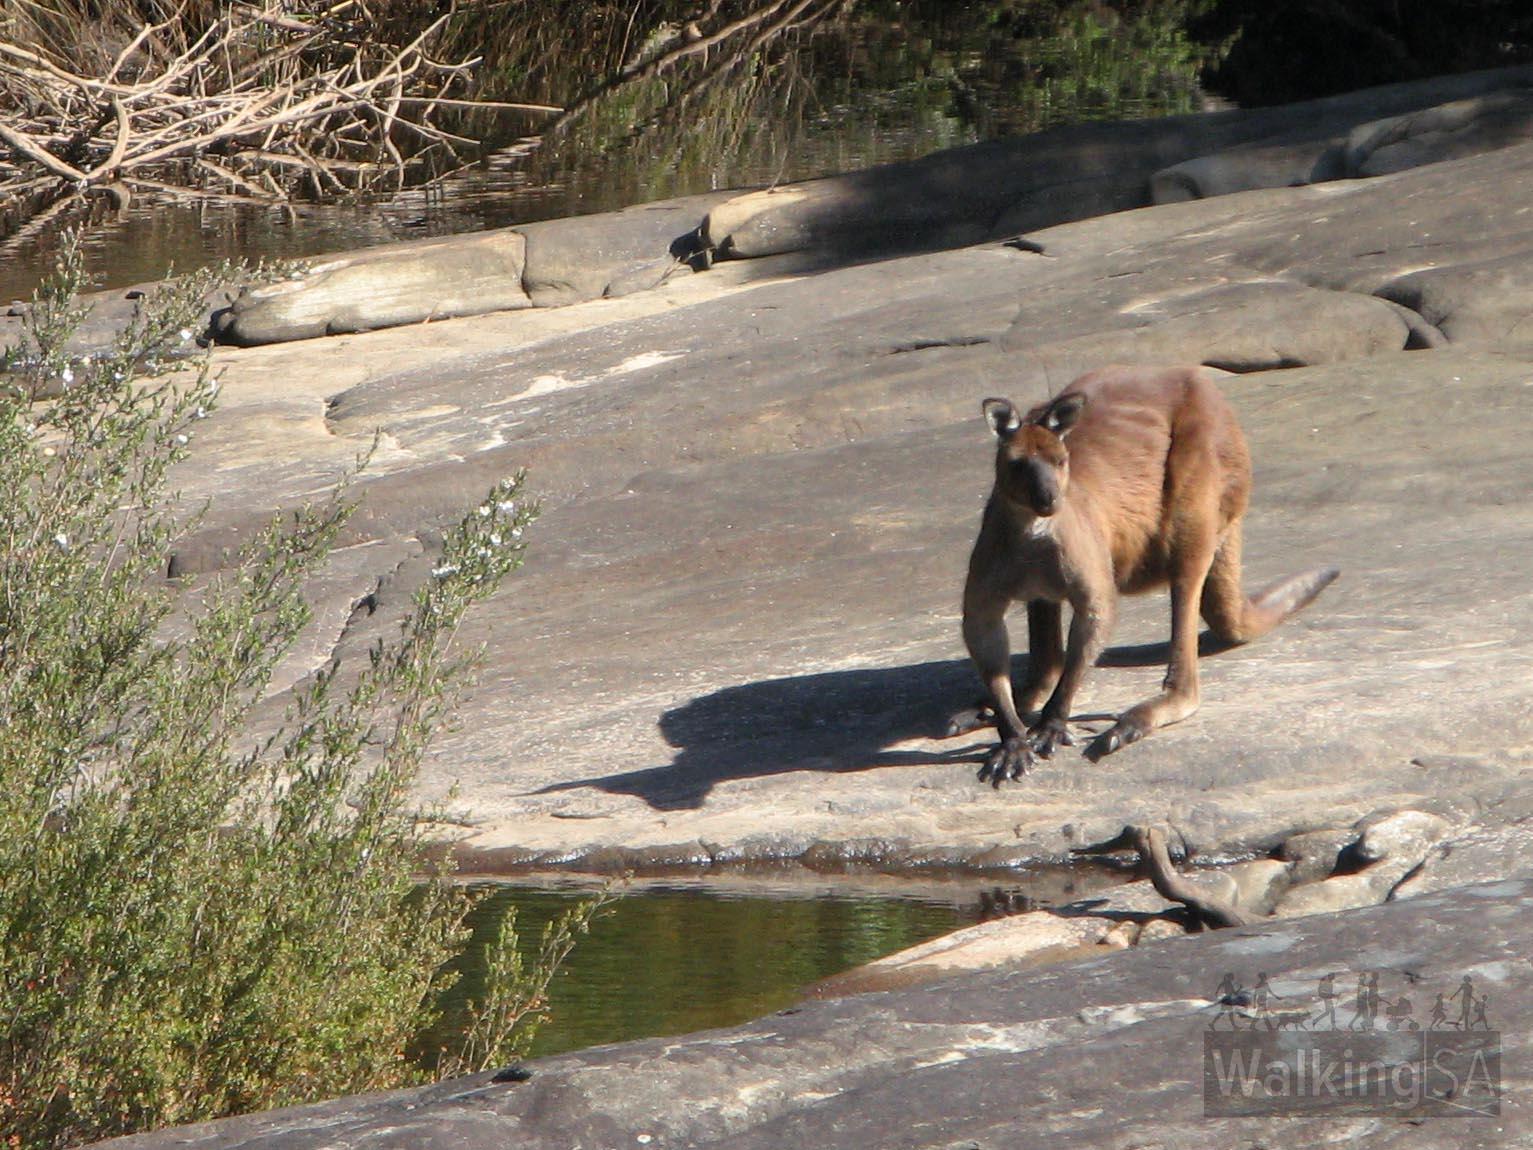 kangaroo island visitor guide download